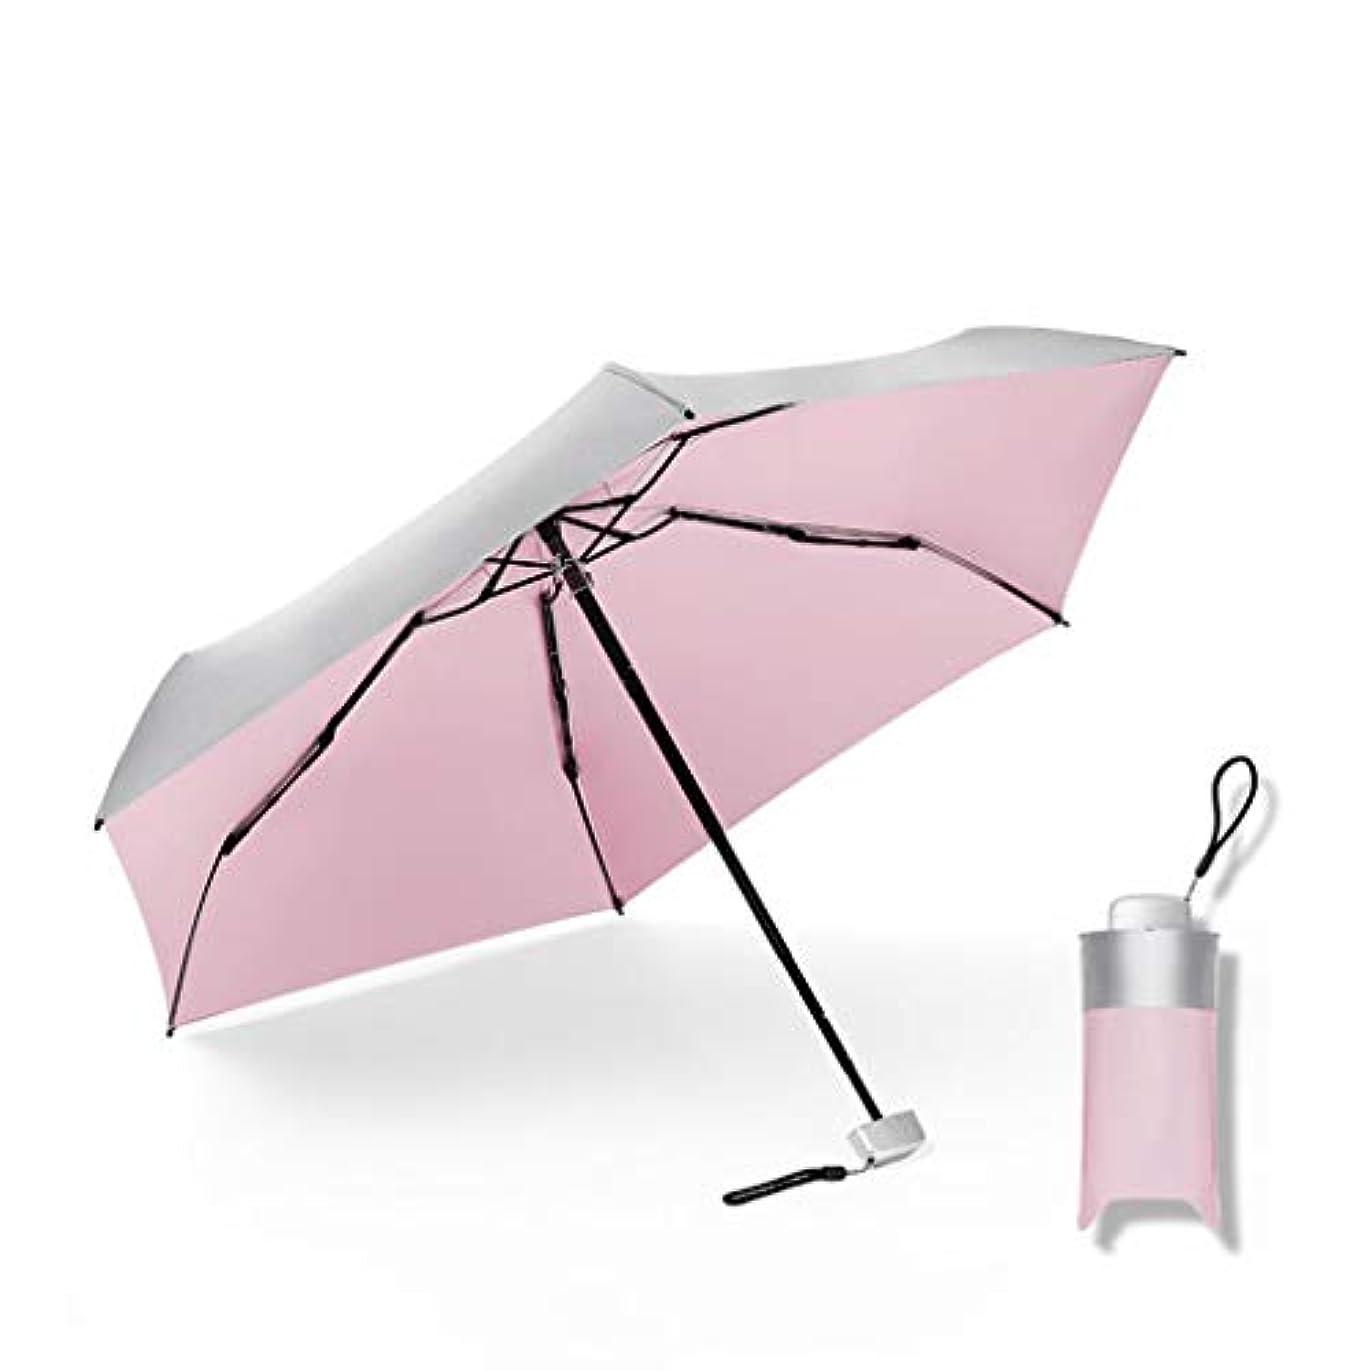 アヒル記憶学校教育ミニトラベルパラソル、フラットハンドルパラソル、UVプロテクション付き日除け防風パラソル、UPF 50+軽量パラソル複数色、女性用男性および子供用サンパラソル,Pink